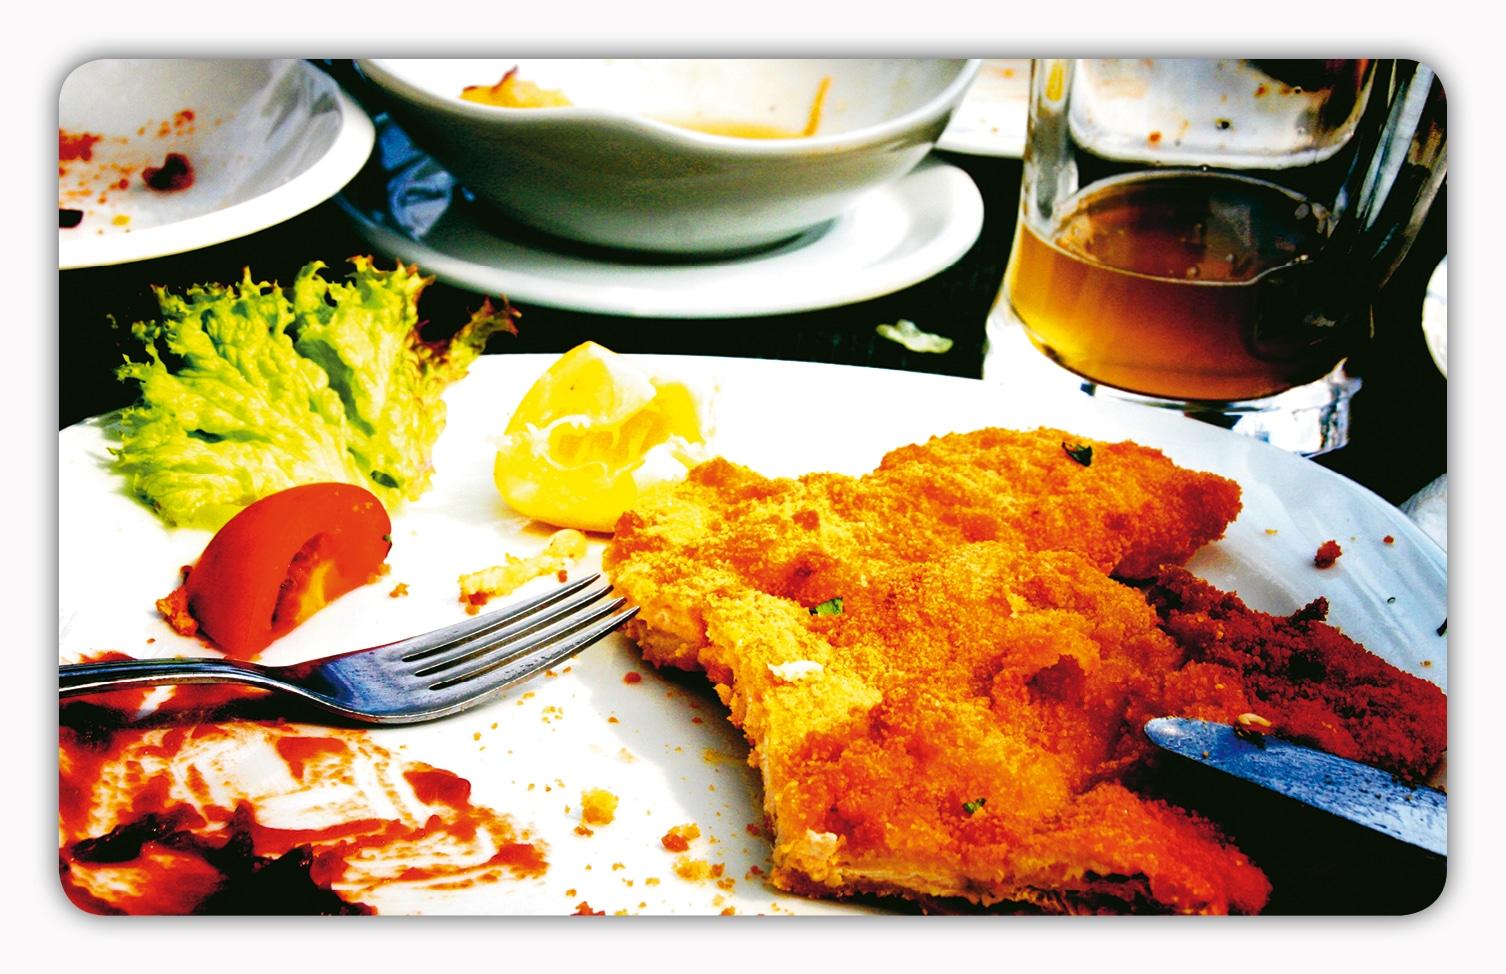 #006 Wiener Schnitzel